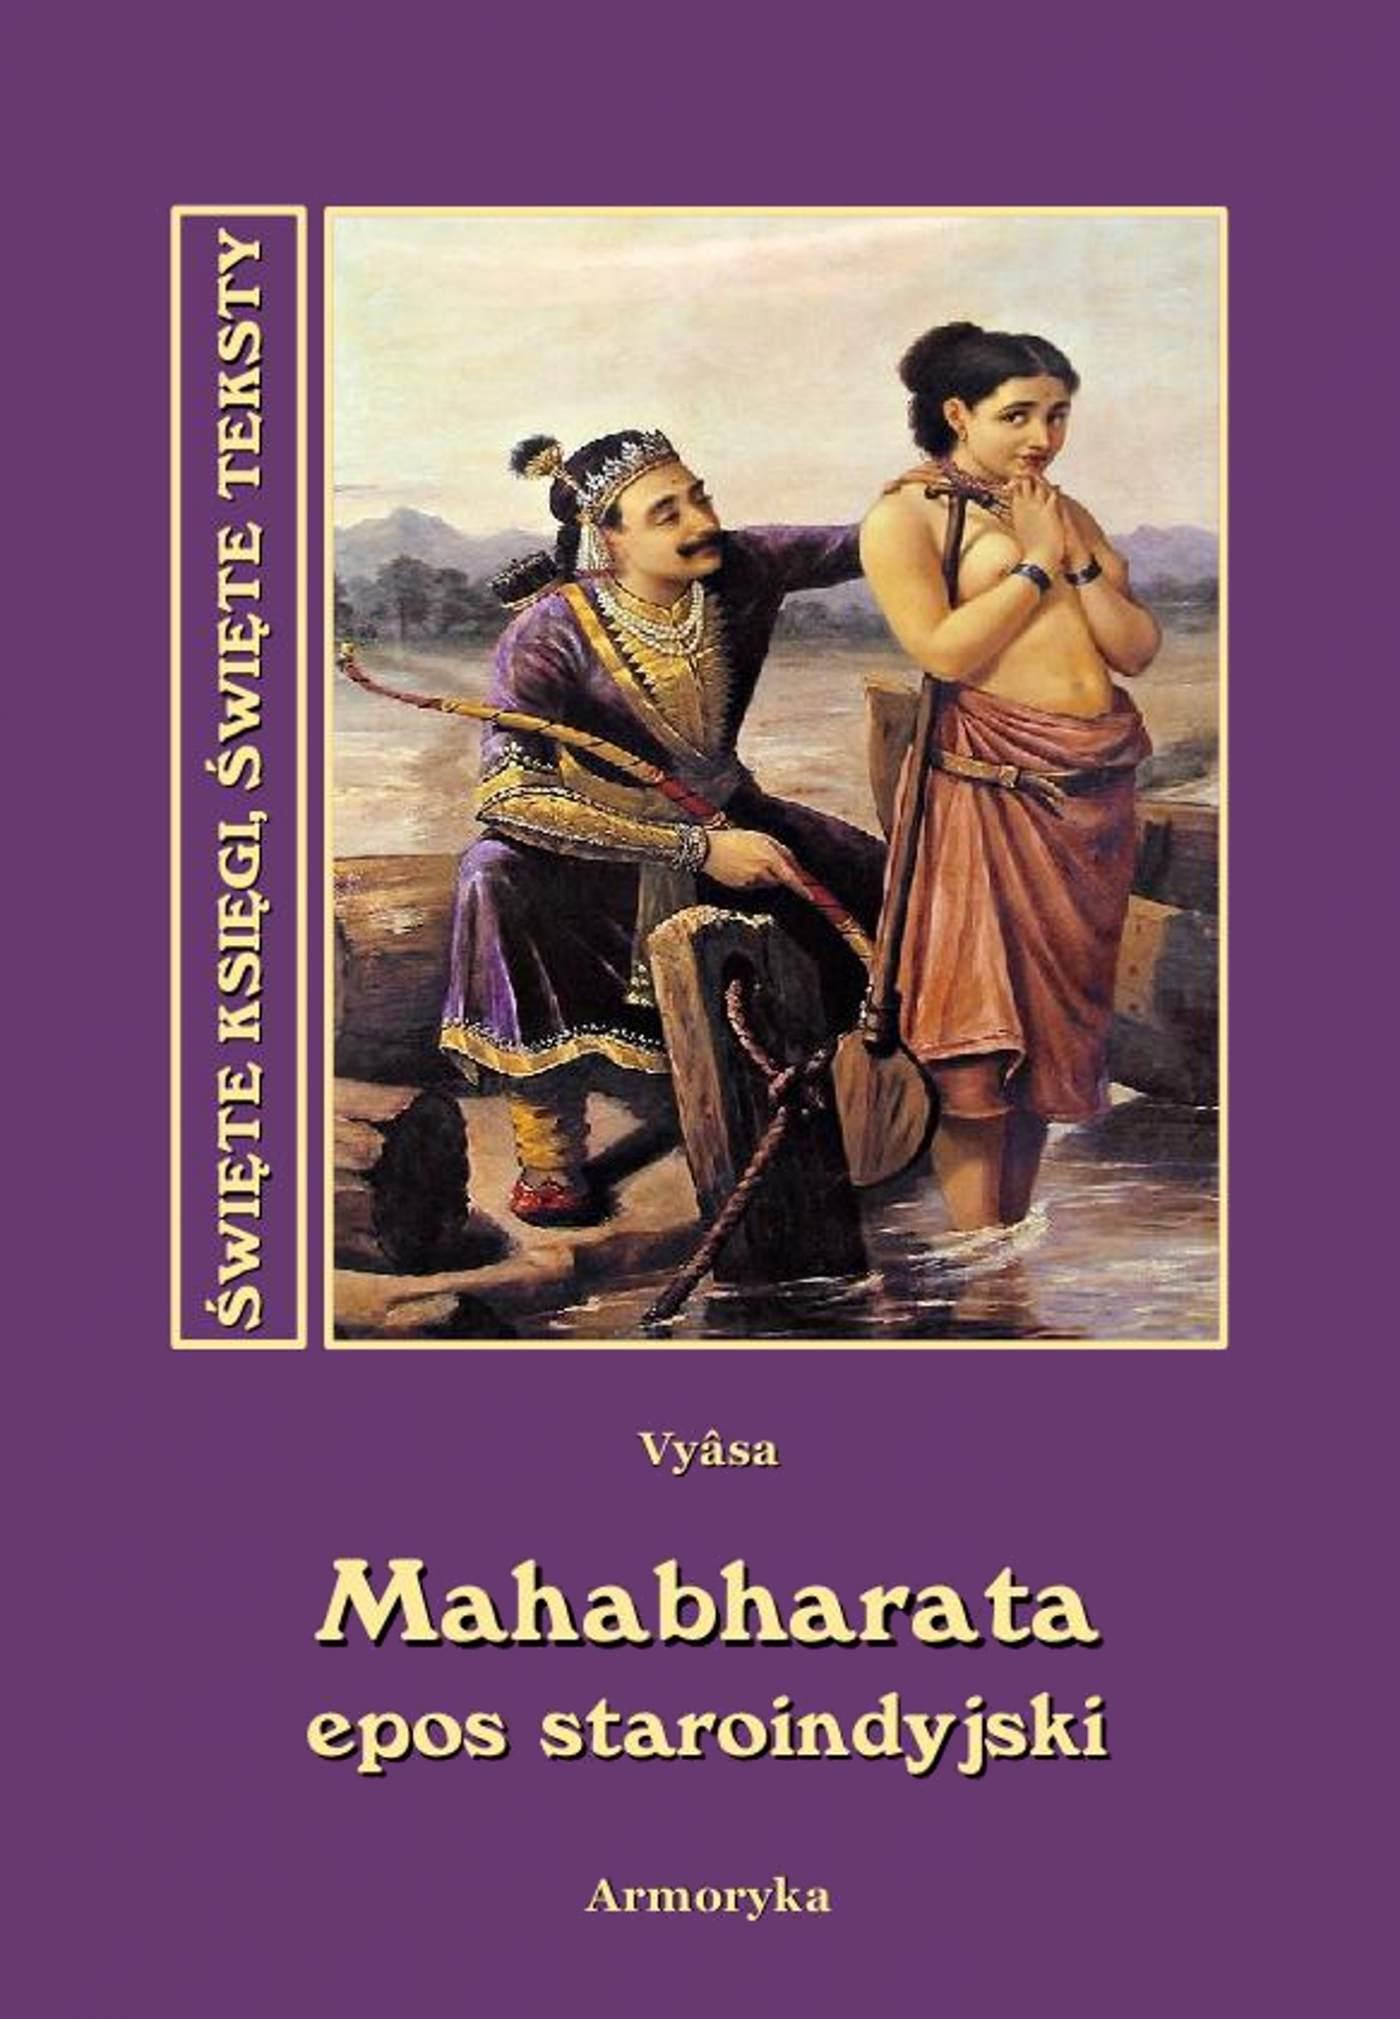 Mahabharata. Epos indyjski - Ebook (Książka EPUB) do pobrania w formacie EPUB